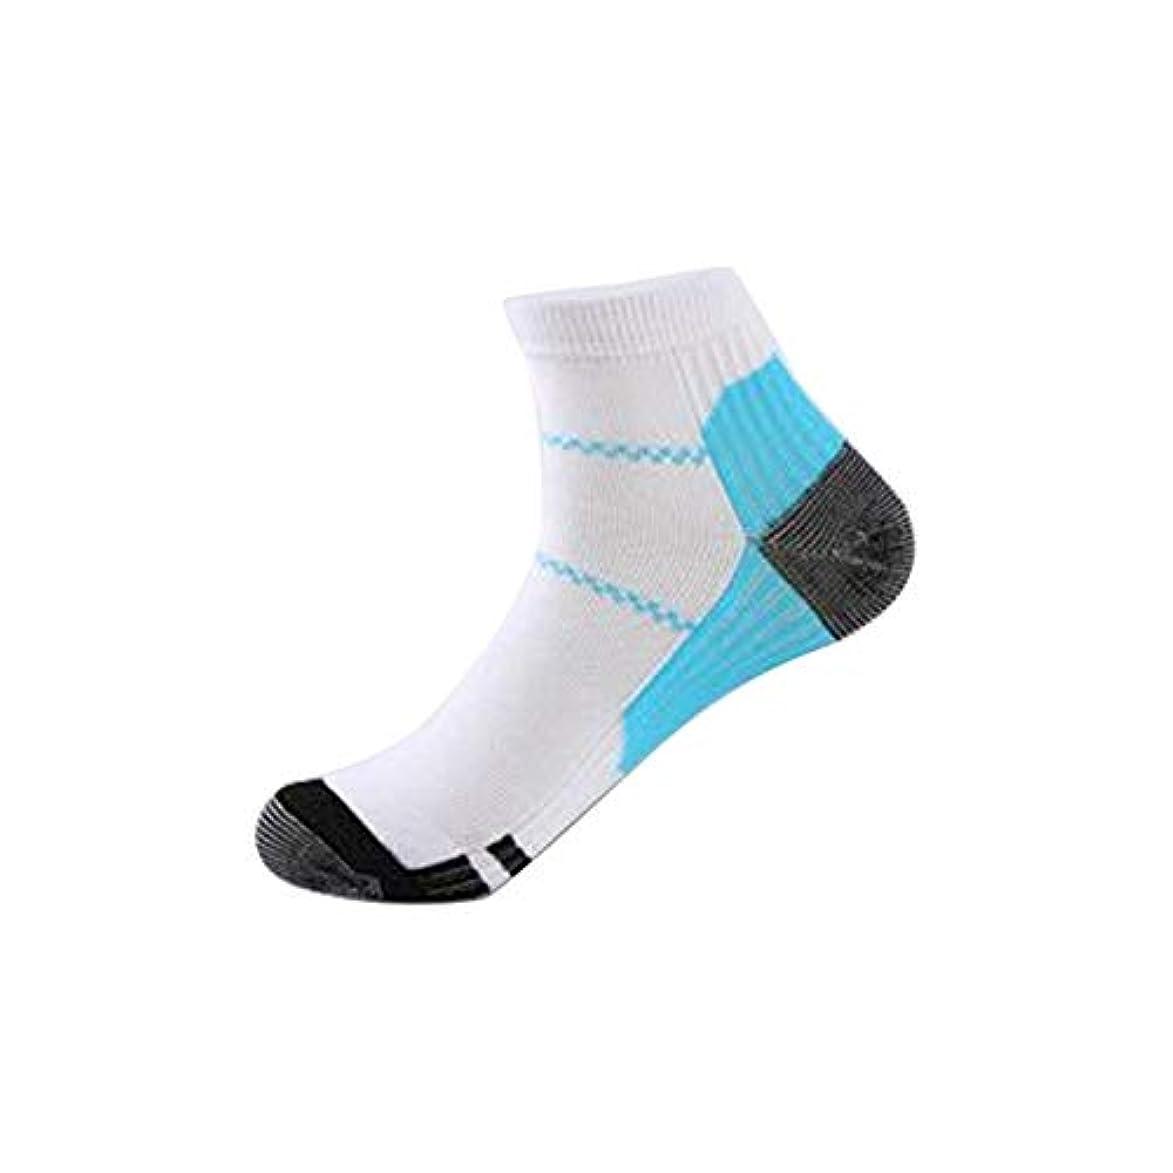 病気加速する空白快適な男性女性ファッション短いストレッチ圧縮靴下膝ソックスサポートストレッチ通気性ソックス - ホワイト&ブルーS/M